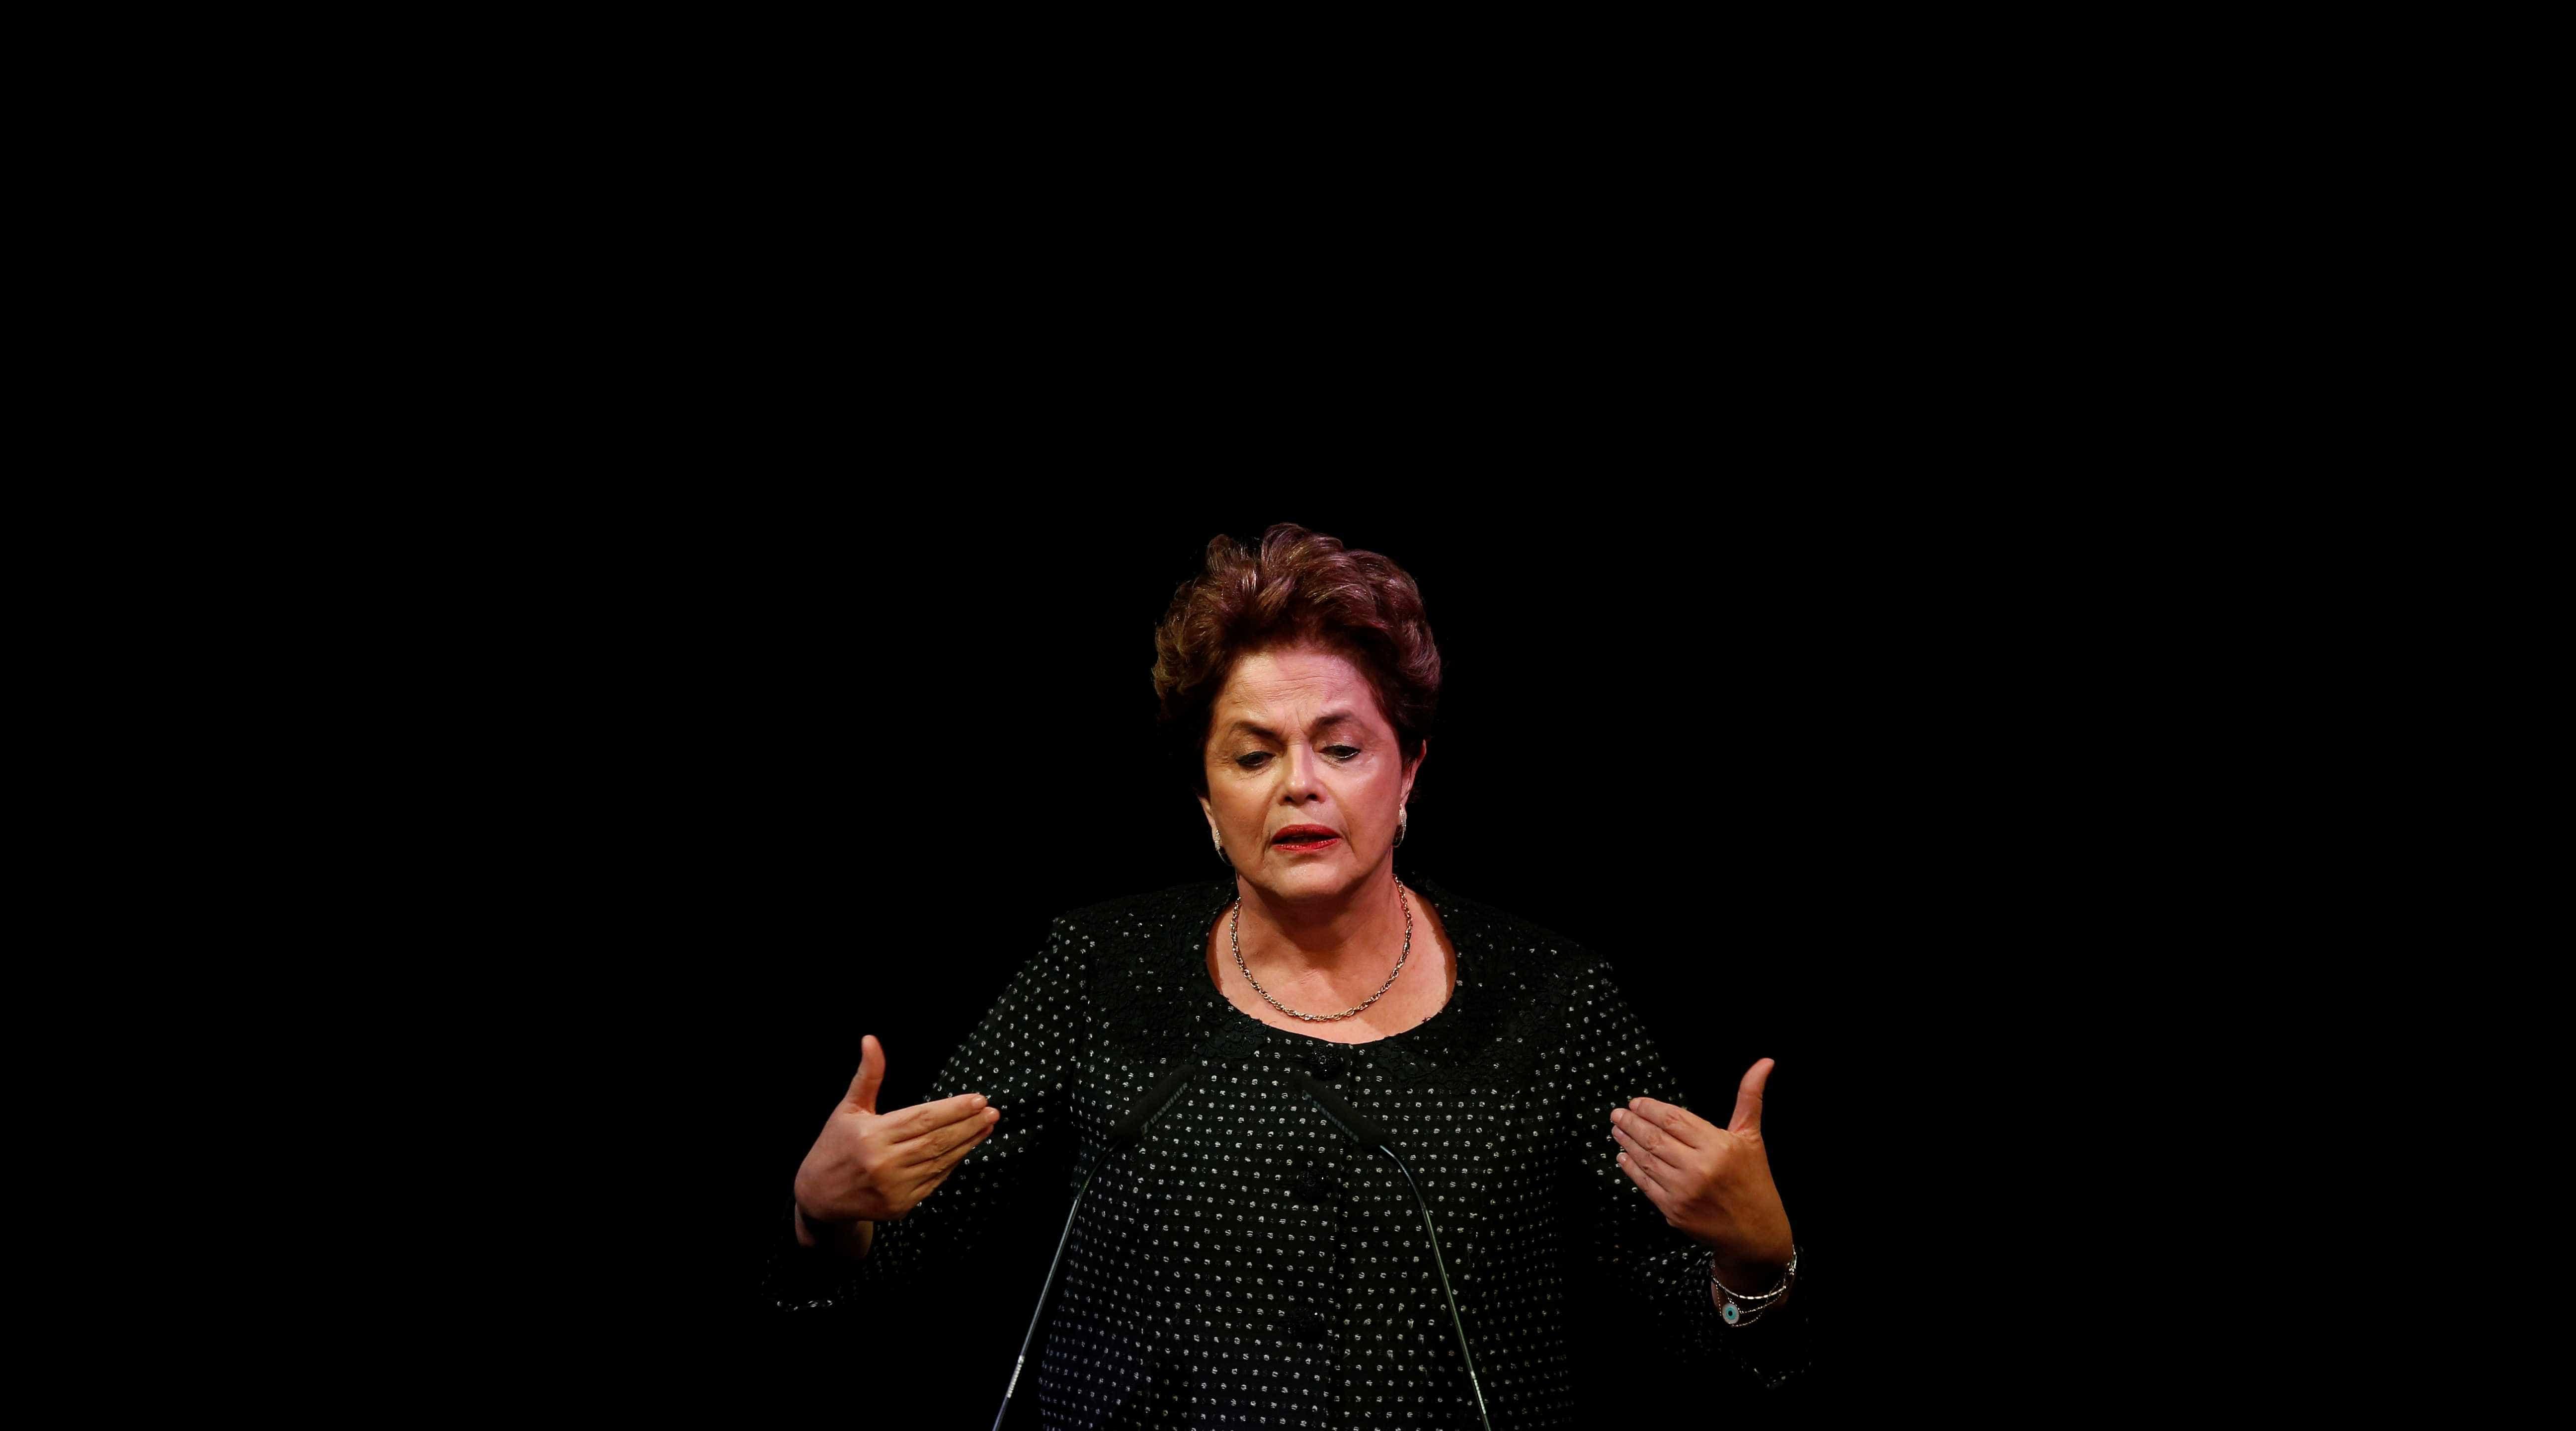 Dilma confirma pré-candidatura ao Senado: 'Não vou me furtar da luta'